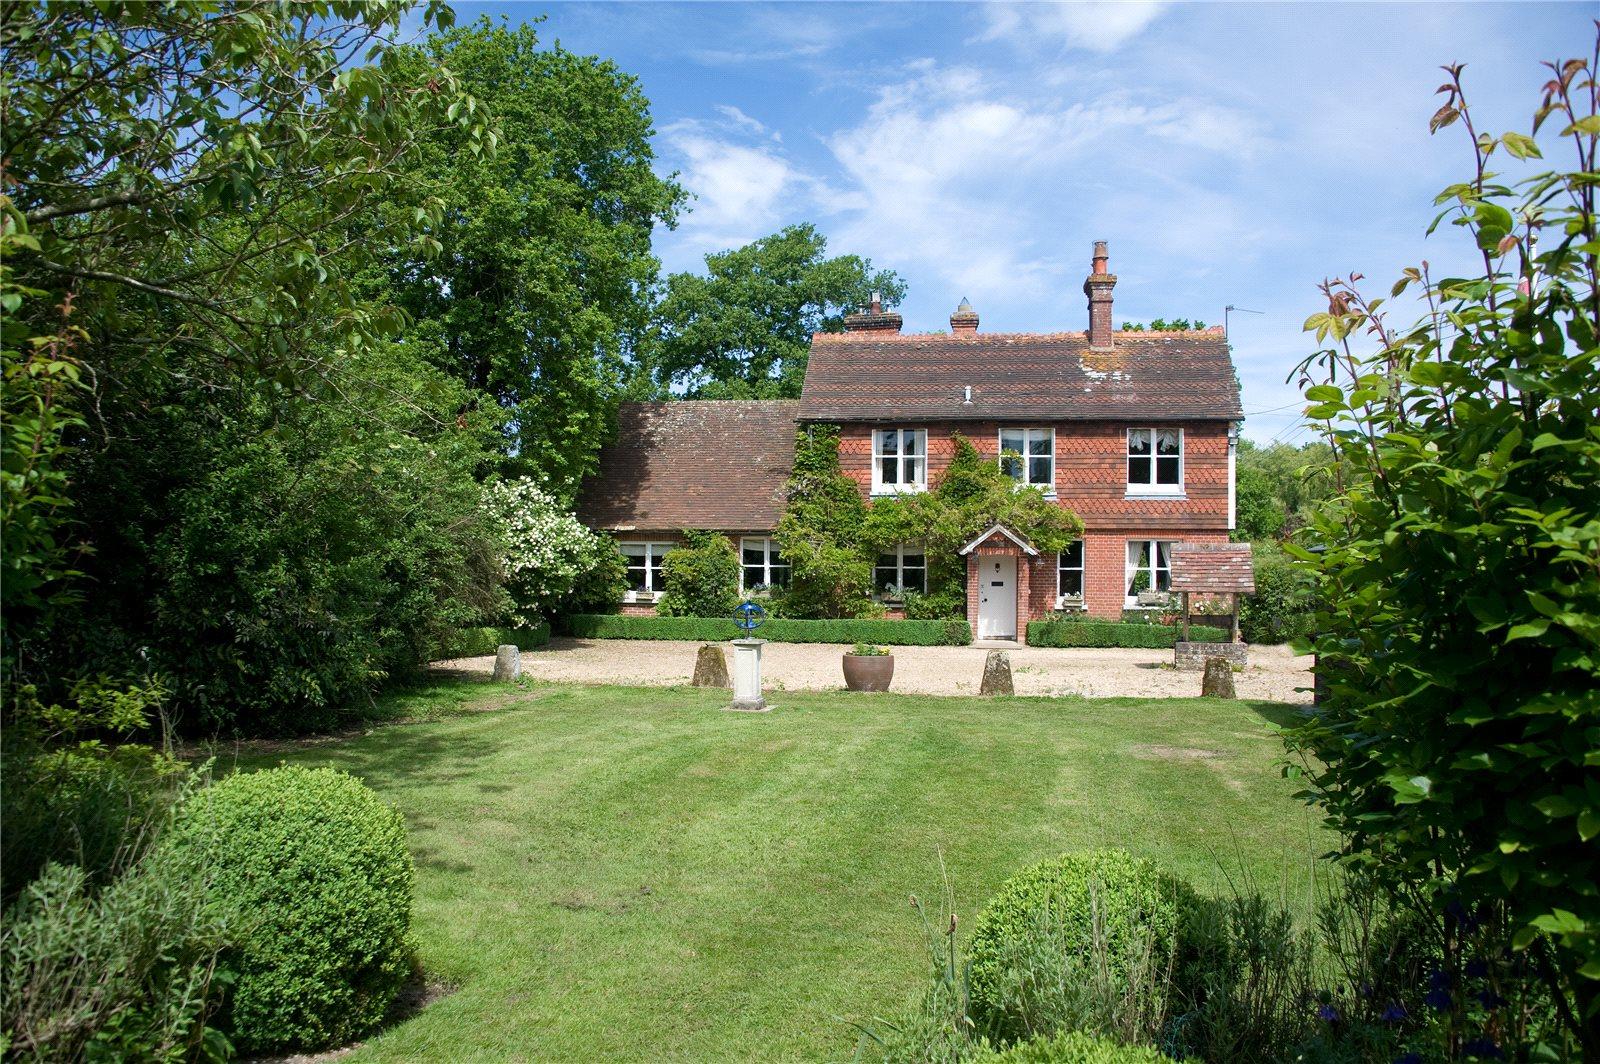 Частный дом для того Продажа на Shortgate Lane, Laughton, Lewes, East Sussex, BN8 Lewes, Англия